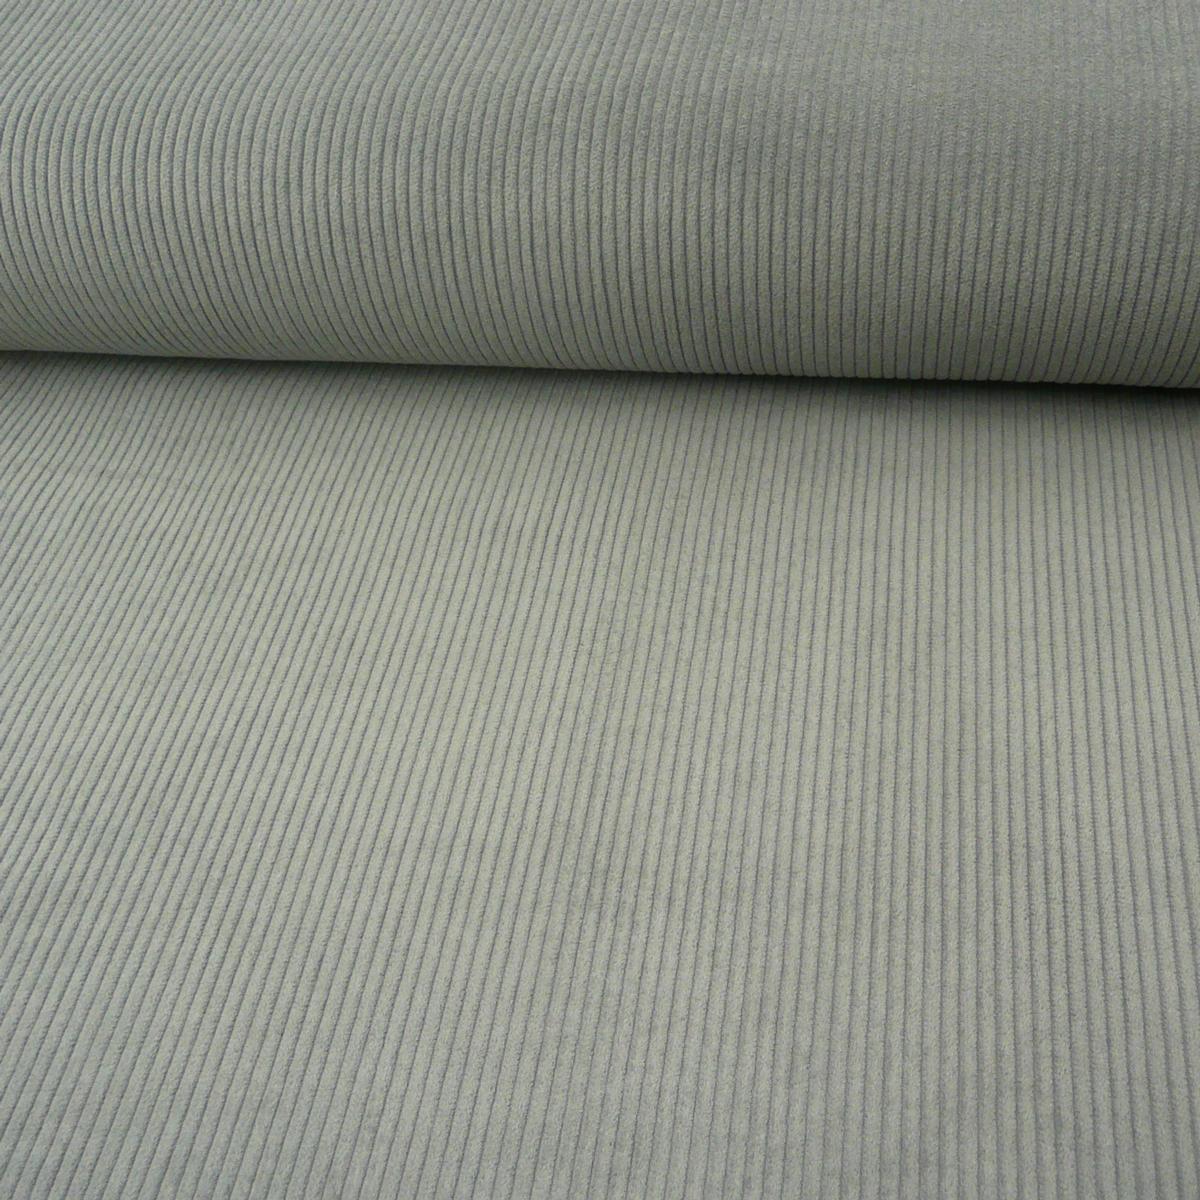 Bekleidungsstoff Cord 4,5W grob einfarbig grau